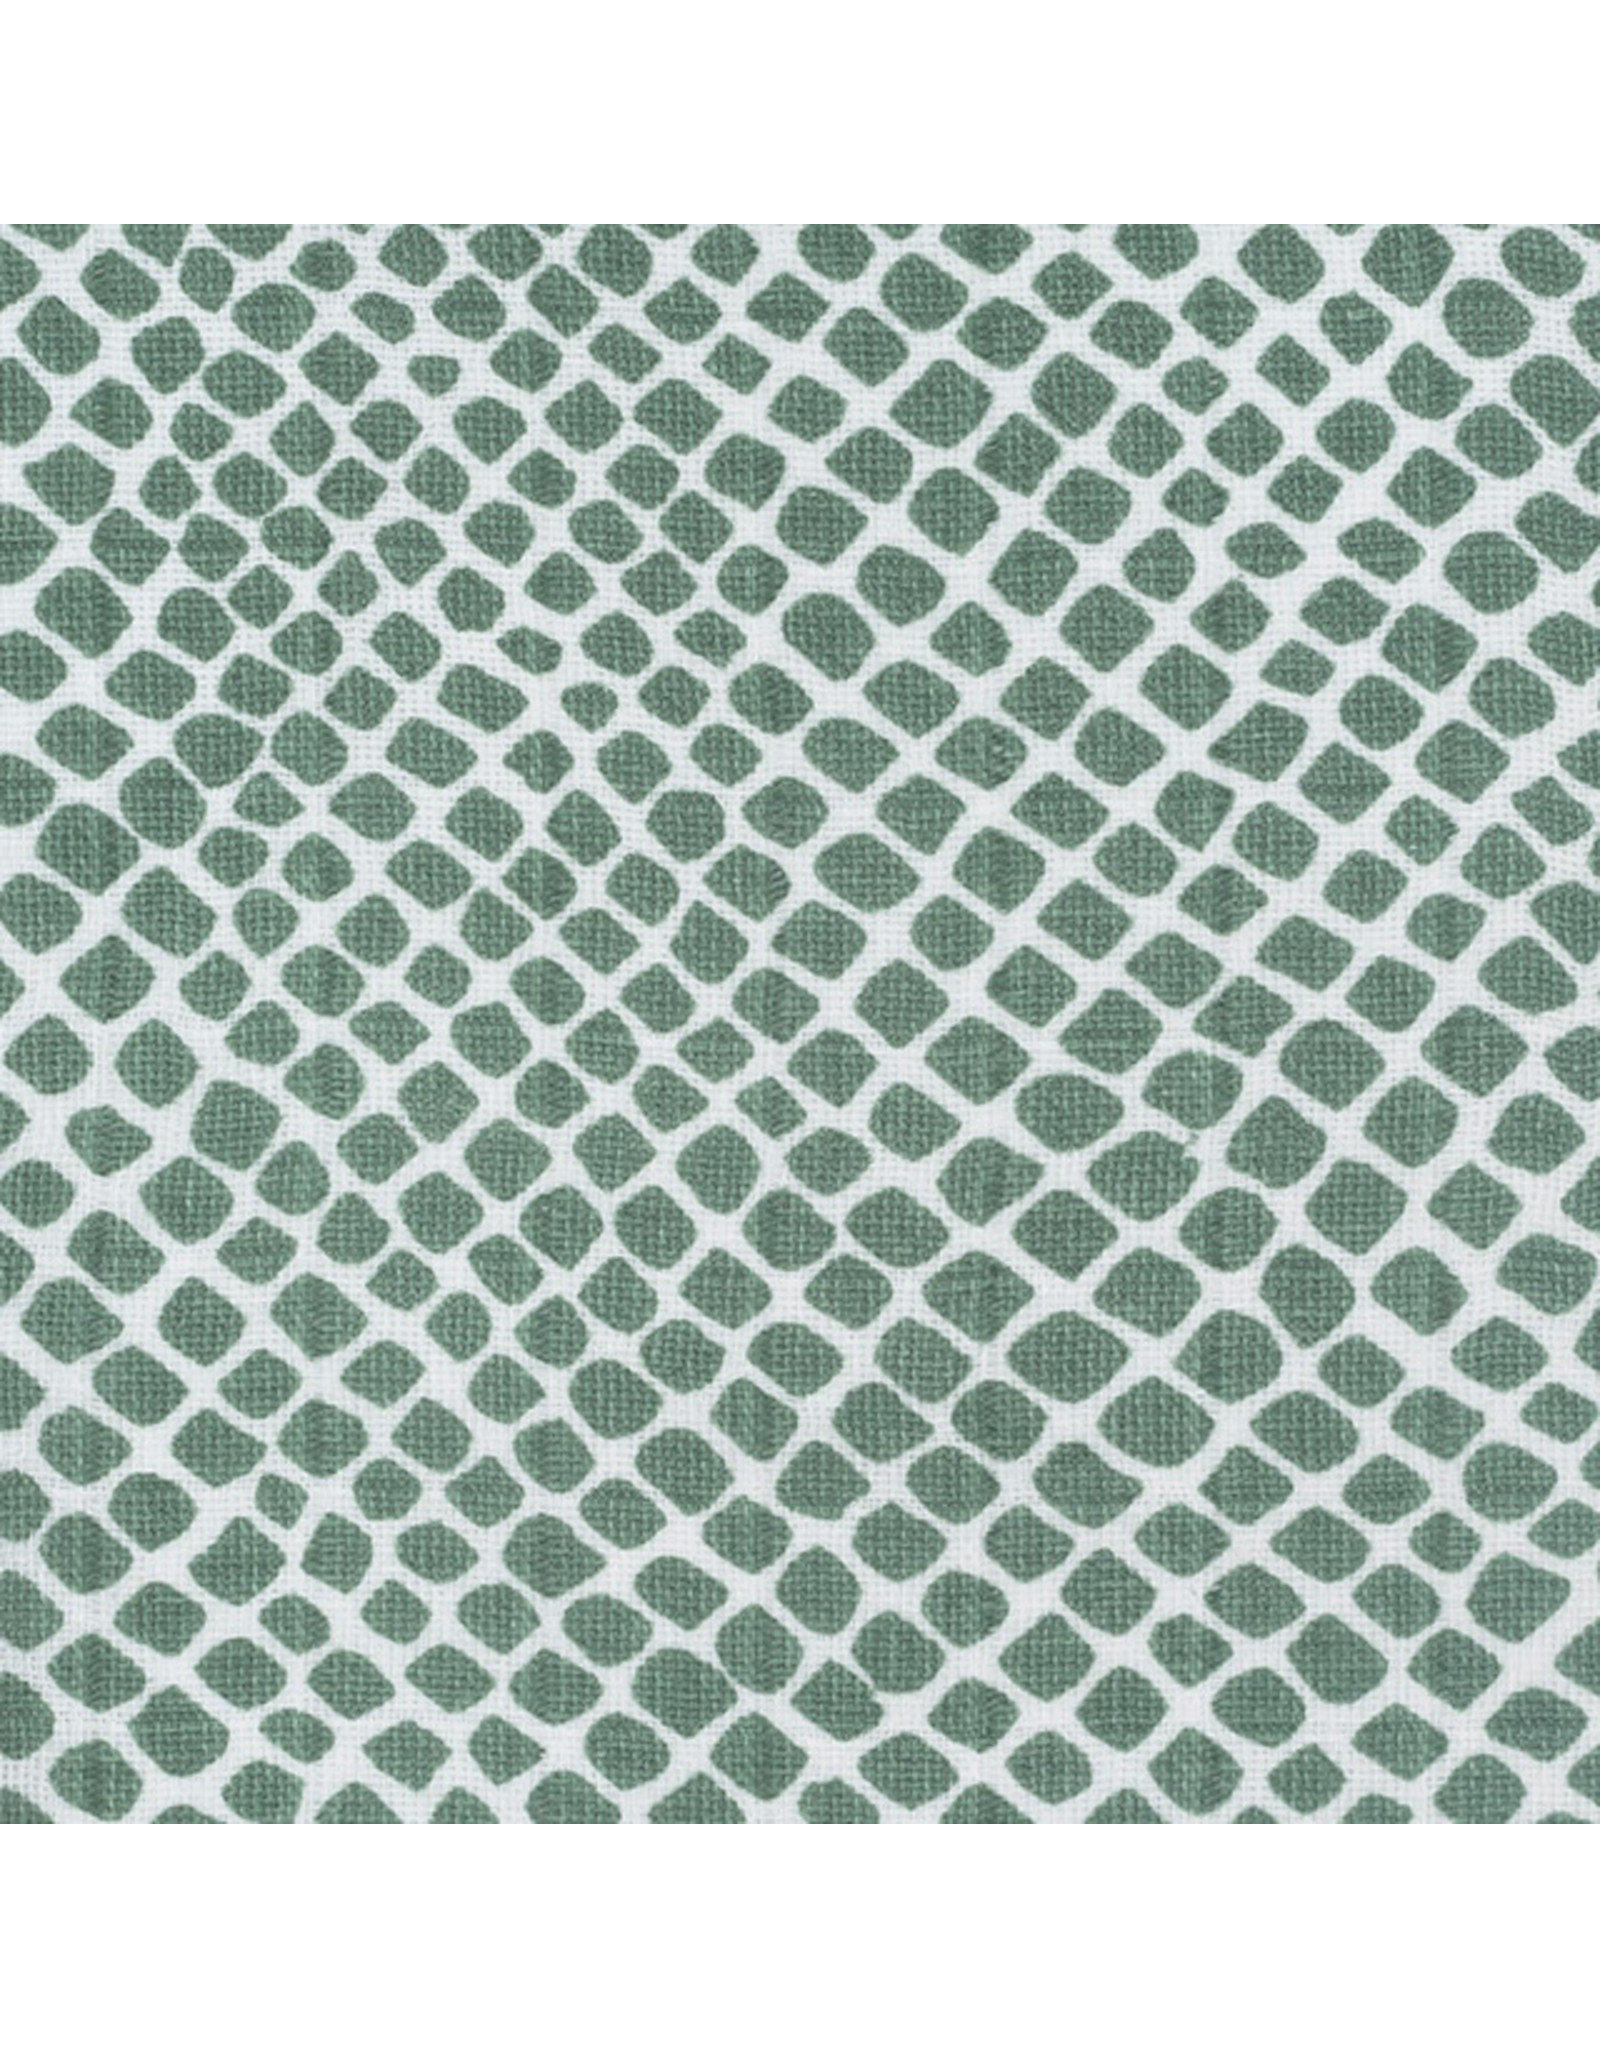 Jollein Jollein Hydrofiel Multidoek 115x115cm Snake ash green (2 pack)